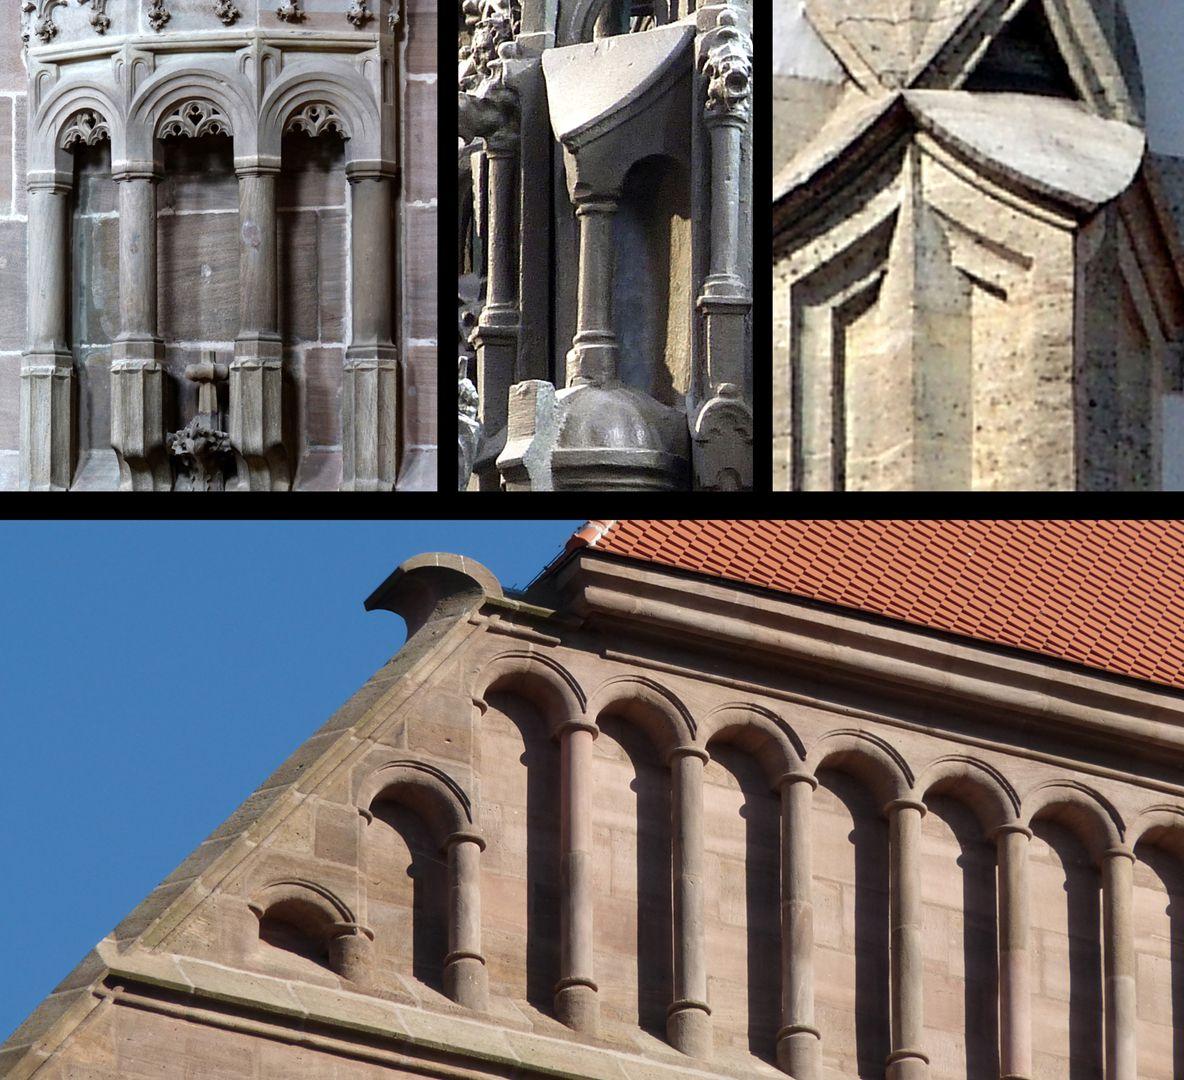 Sebaldusgrab Rundsäulchen mit kleinen Rundbögen erscheinen gleichzeitig um 1517 am Sebaldusgrab (Foto M.) und an der Lorenzkirche (Foto unten). Der zungenförmige Wasserschlag (Foto M.) ist auch gotisch (Foto r.o.: Sankt Ulrich Augsburg um 1500).